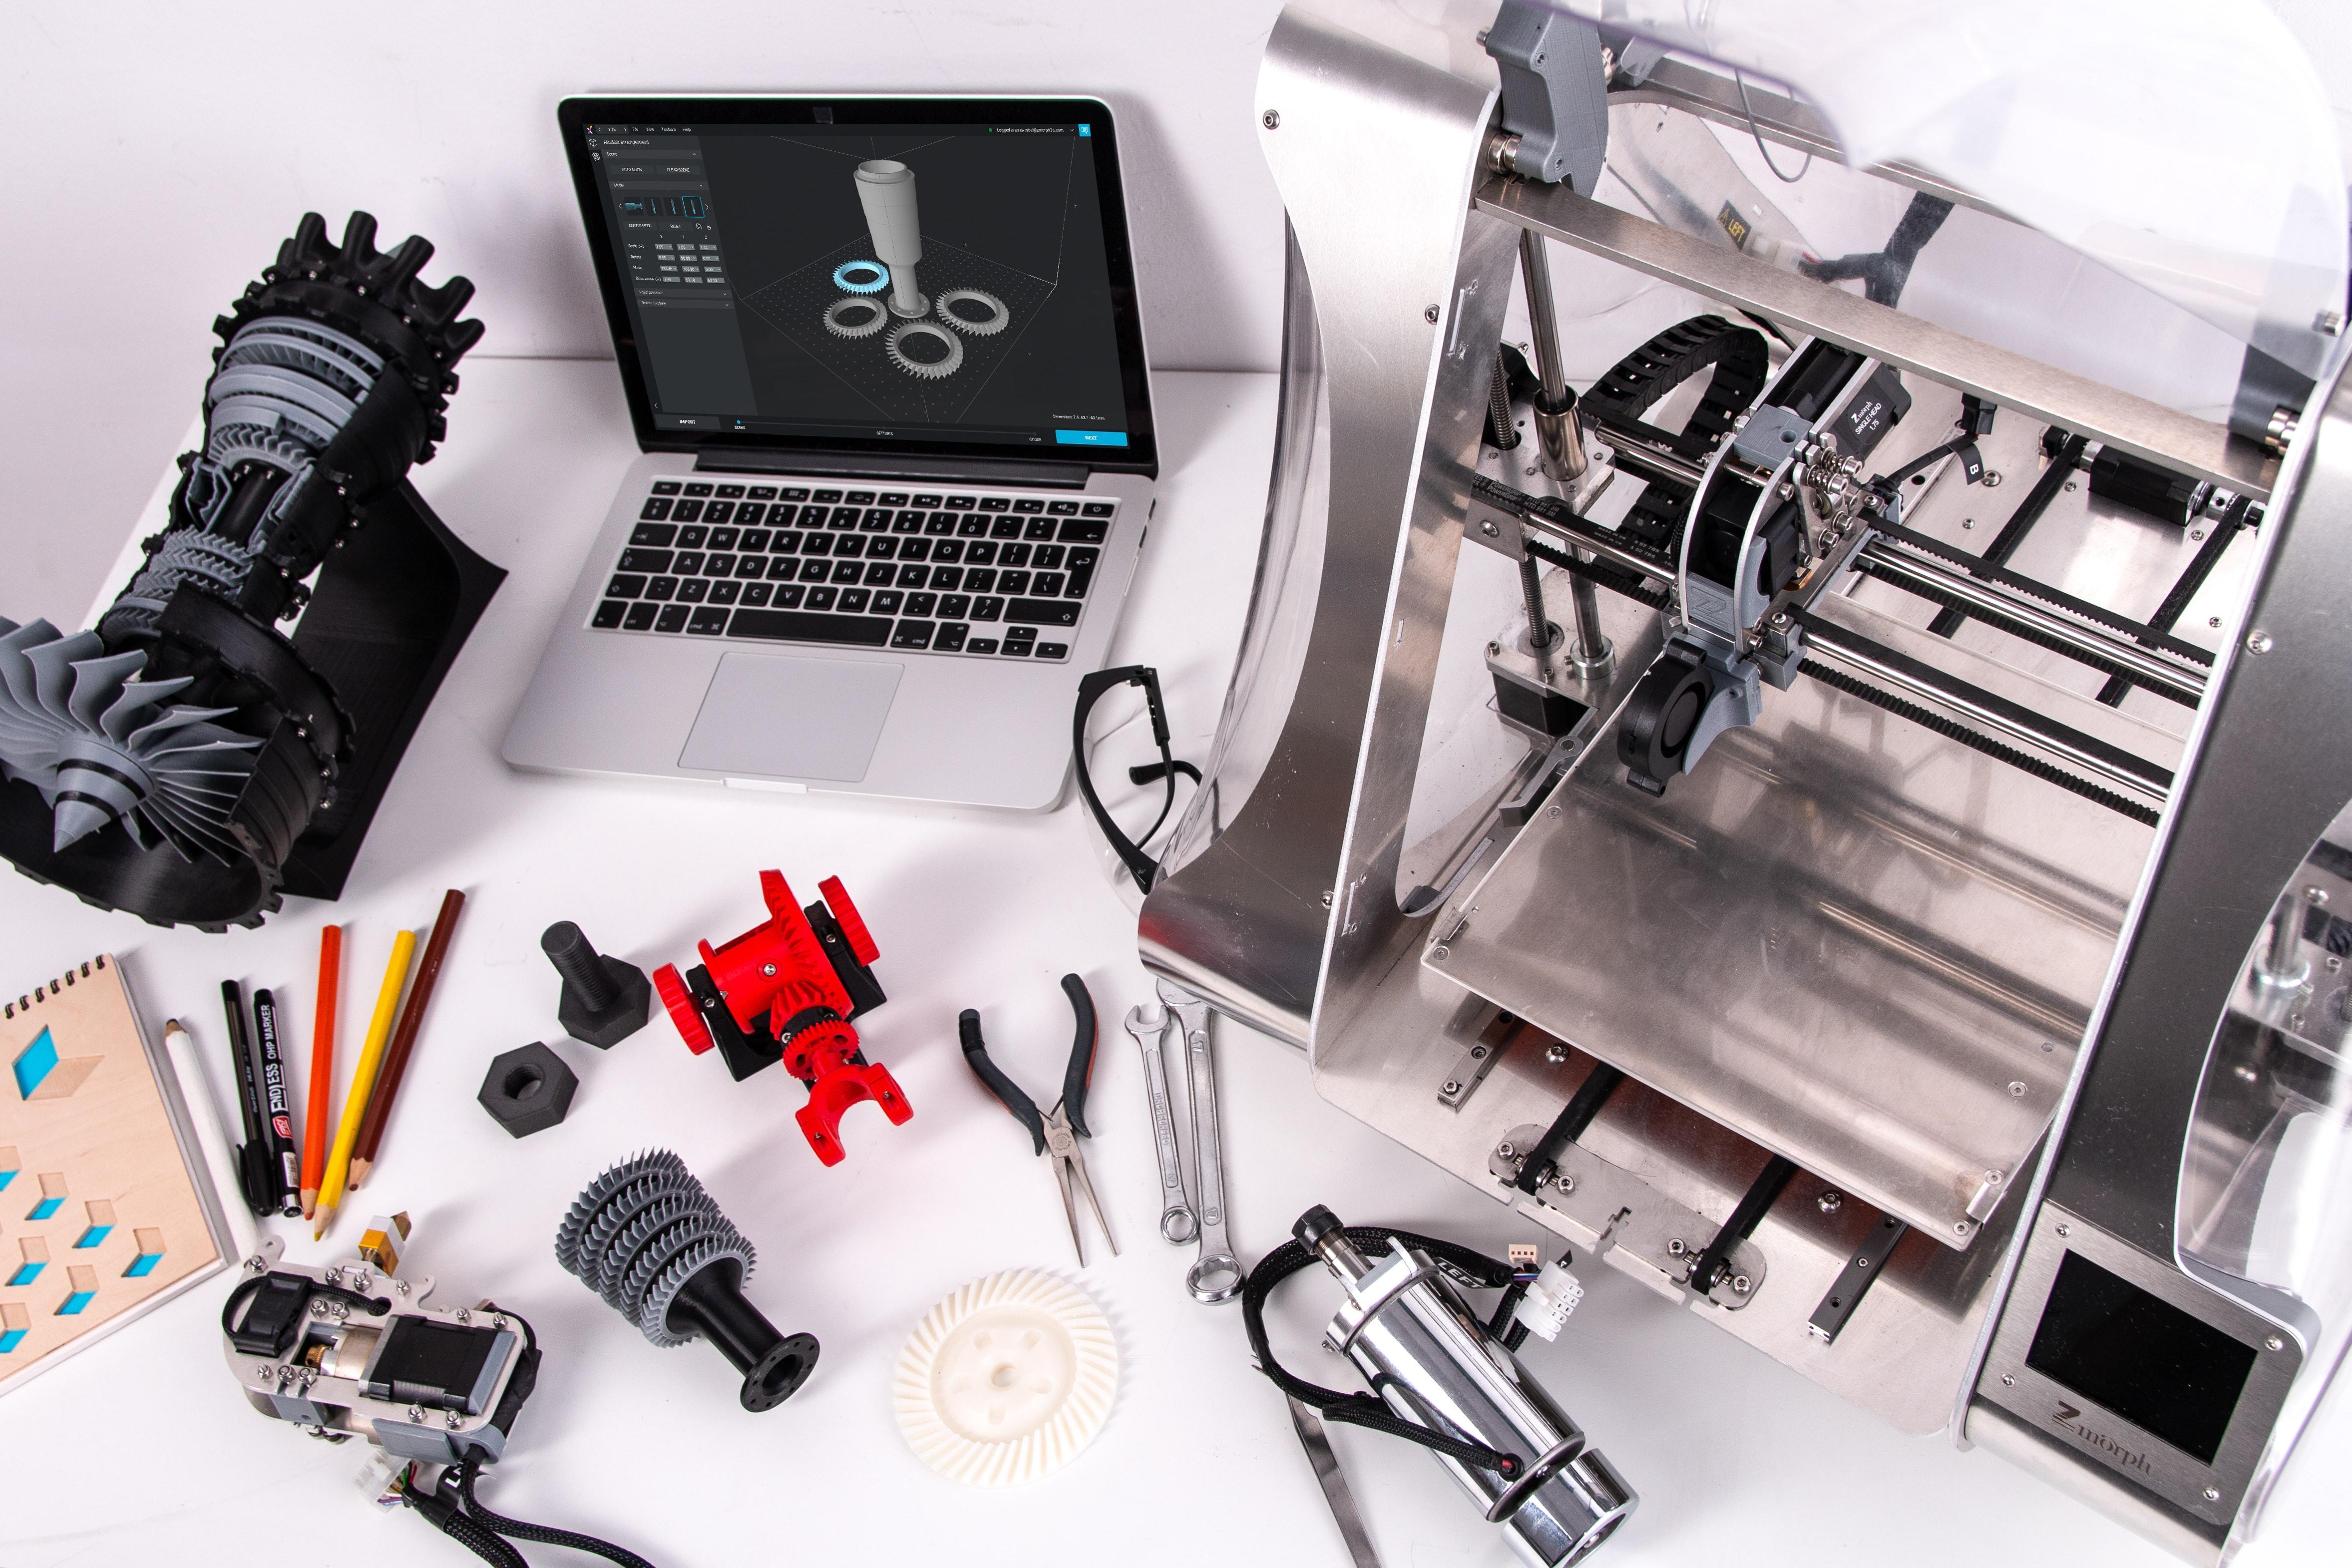 La impresión 3D. Un invento del pasado, muy presente, pero con mucho futuro.